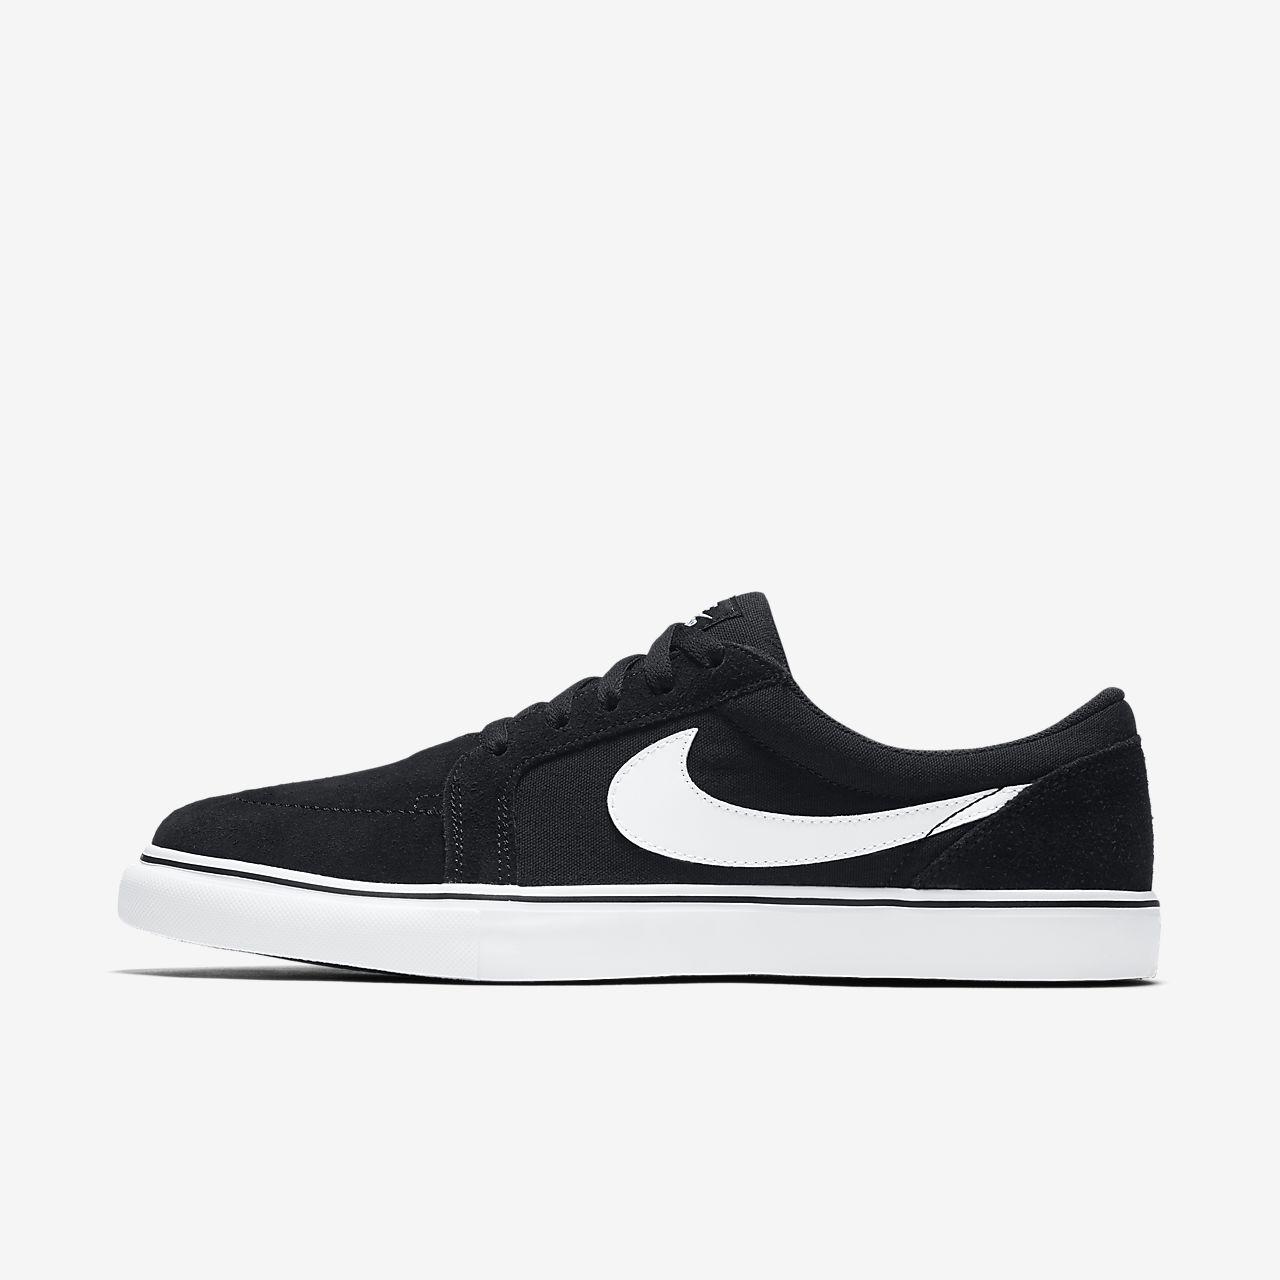 ... Nike SB Satire II Men's Skateboarding Shoe